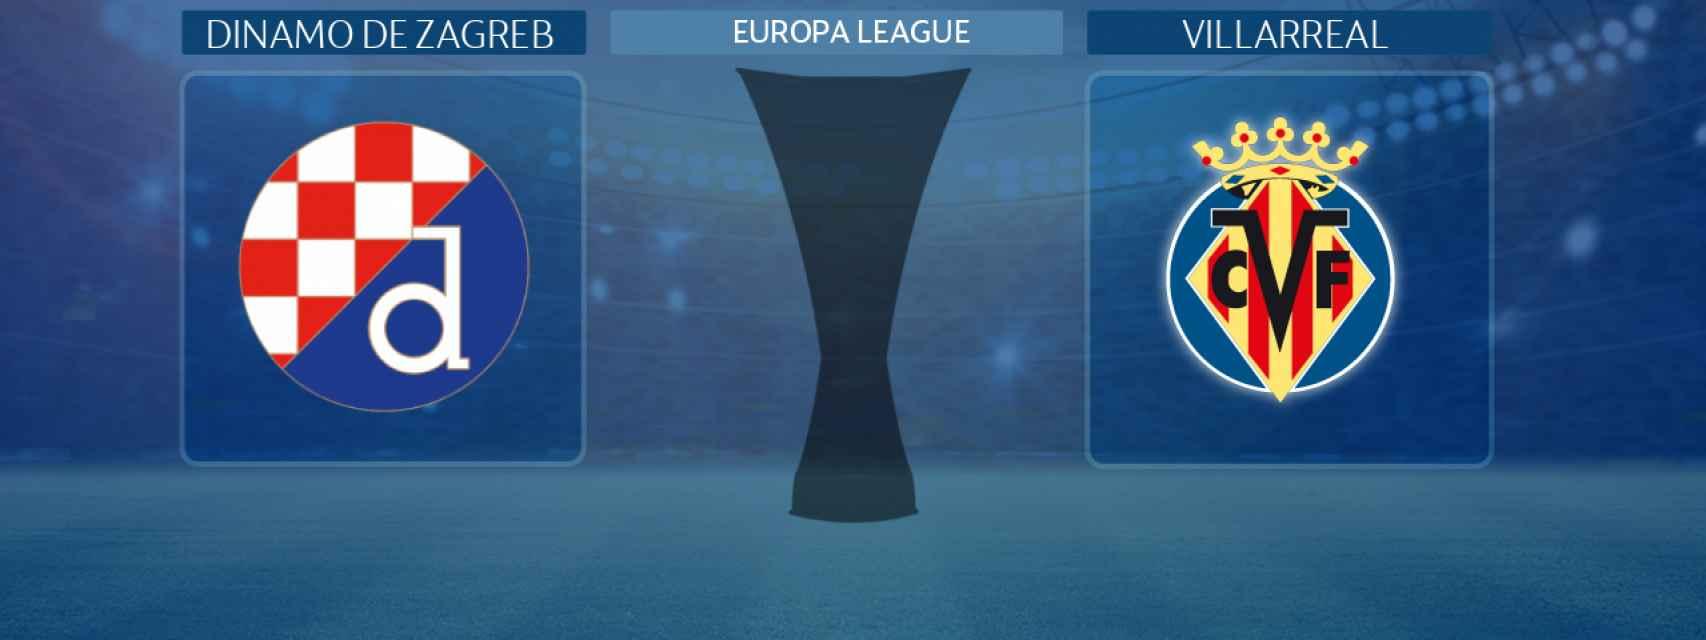 Dinamo de Zagreb - Villarreal, partido de la Europa League